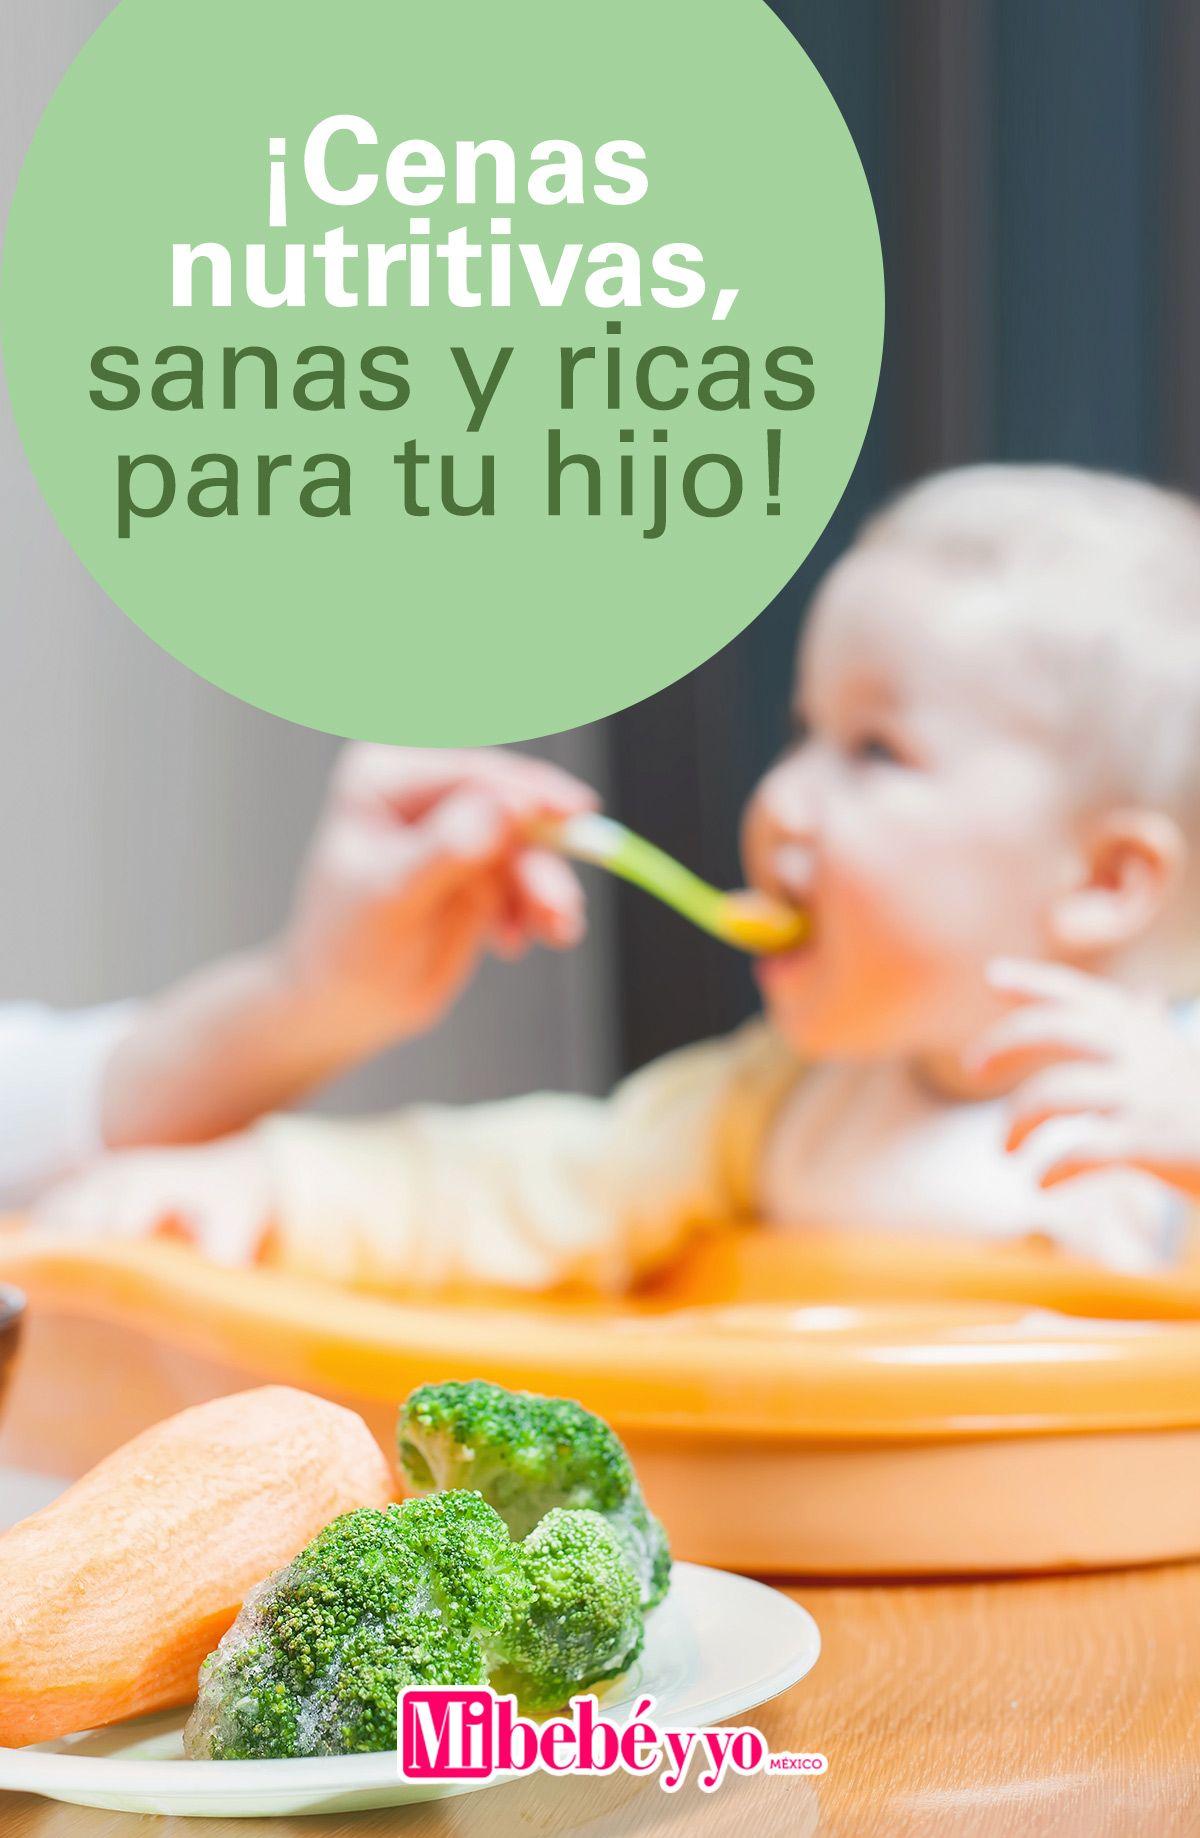 Cenas Nutritivas Sanas Y Ricas Para Tu Hijo Cenas Nutritivas Comida Nutritiva Para Niños Cenas Nutritivas Para Niños